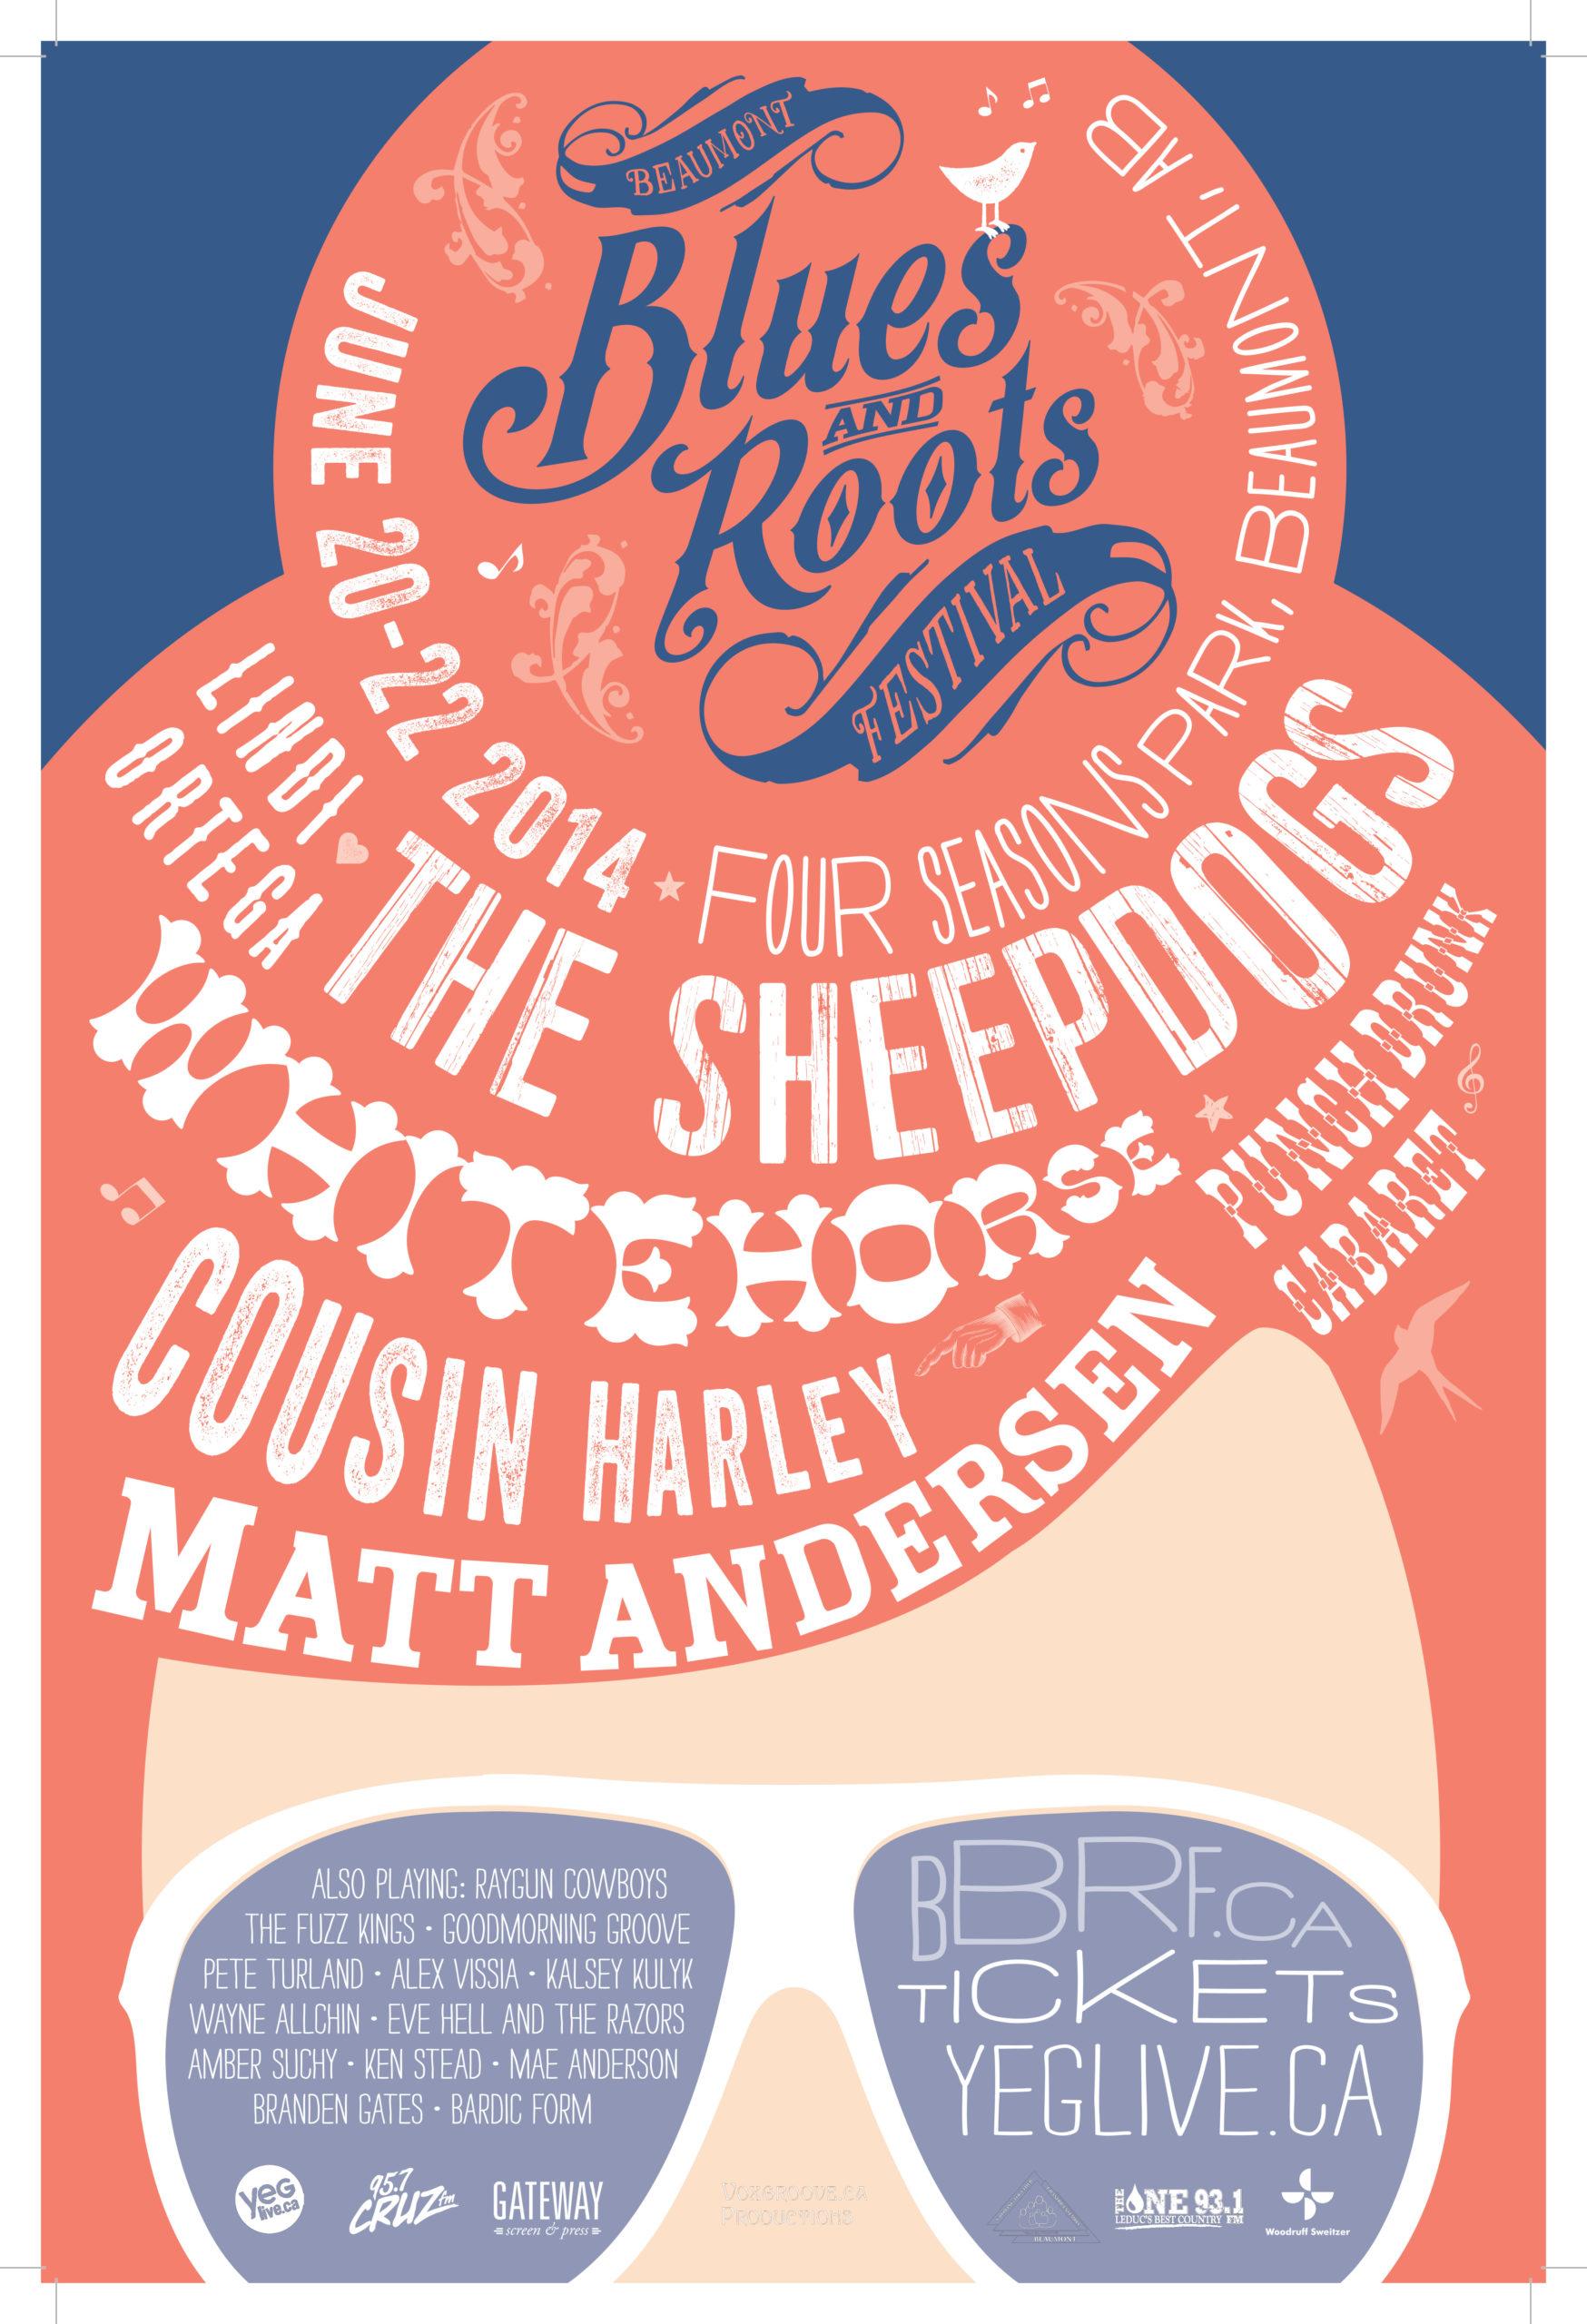 Beaumont Blues & Roots Festival 2014 Sunglasses